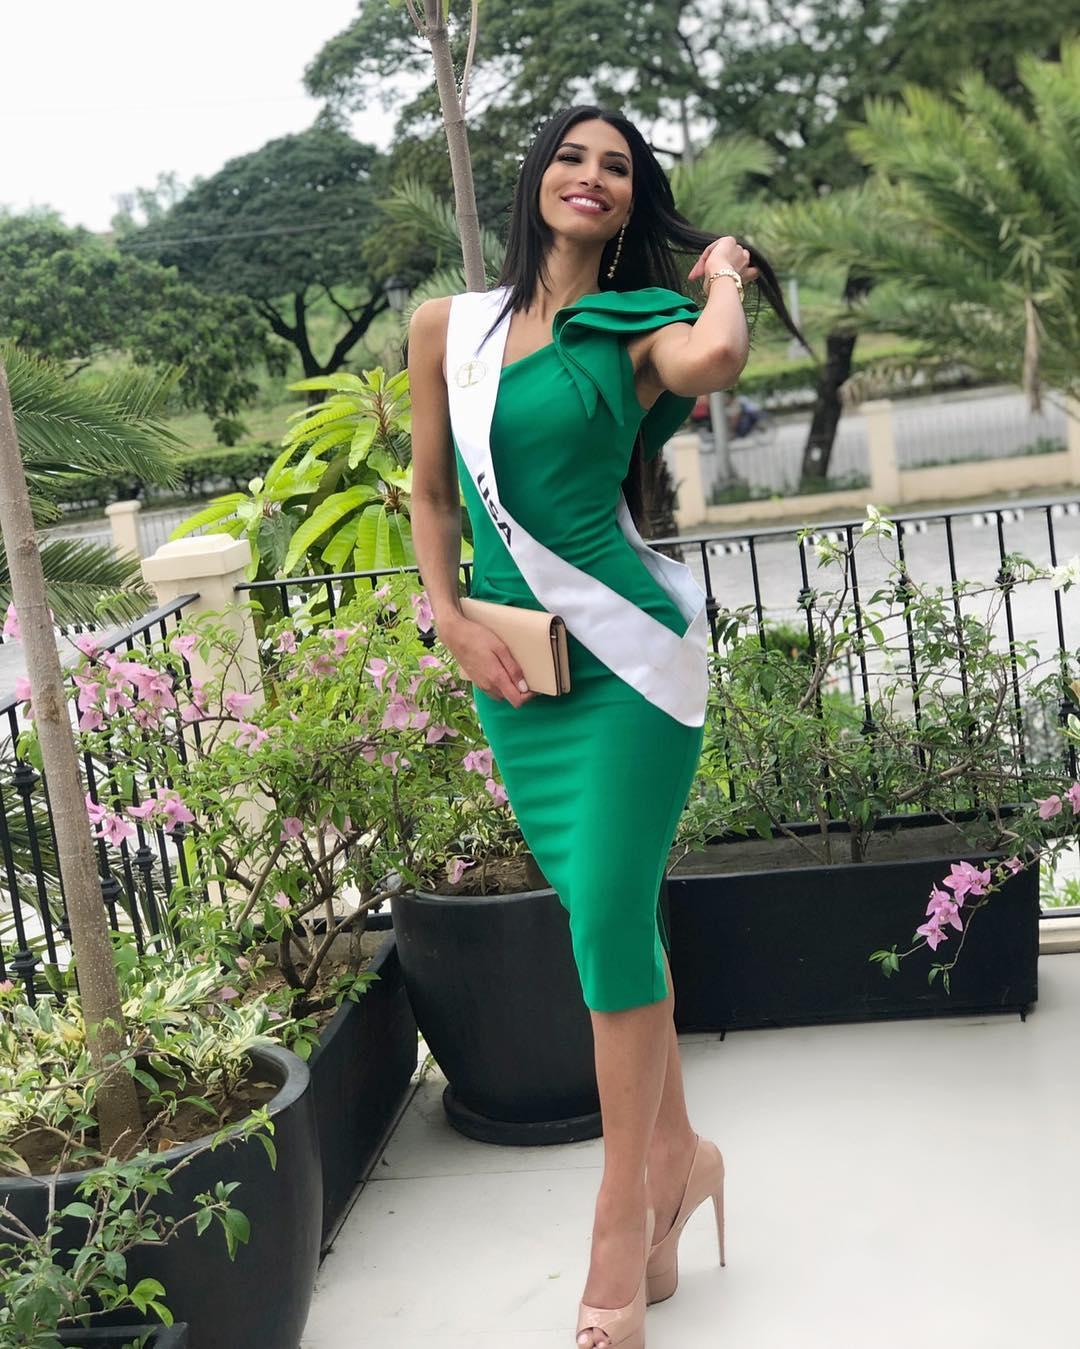 marianny egurrola, top 20 de miss intercontinental 2018-2019. - Página 5 49577010